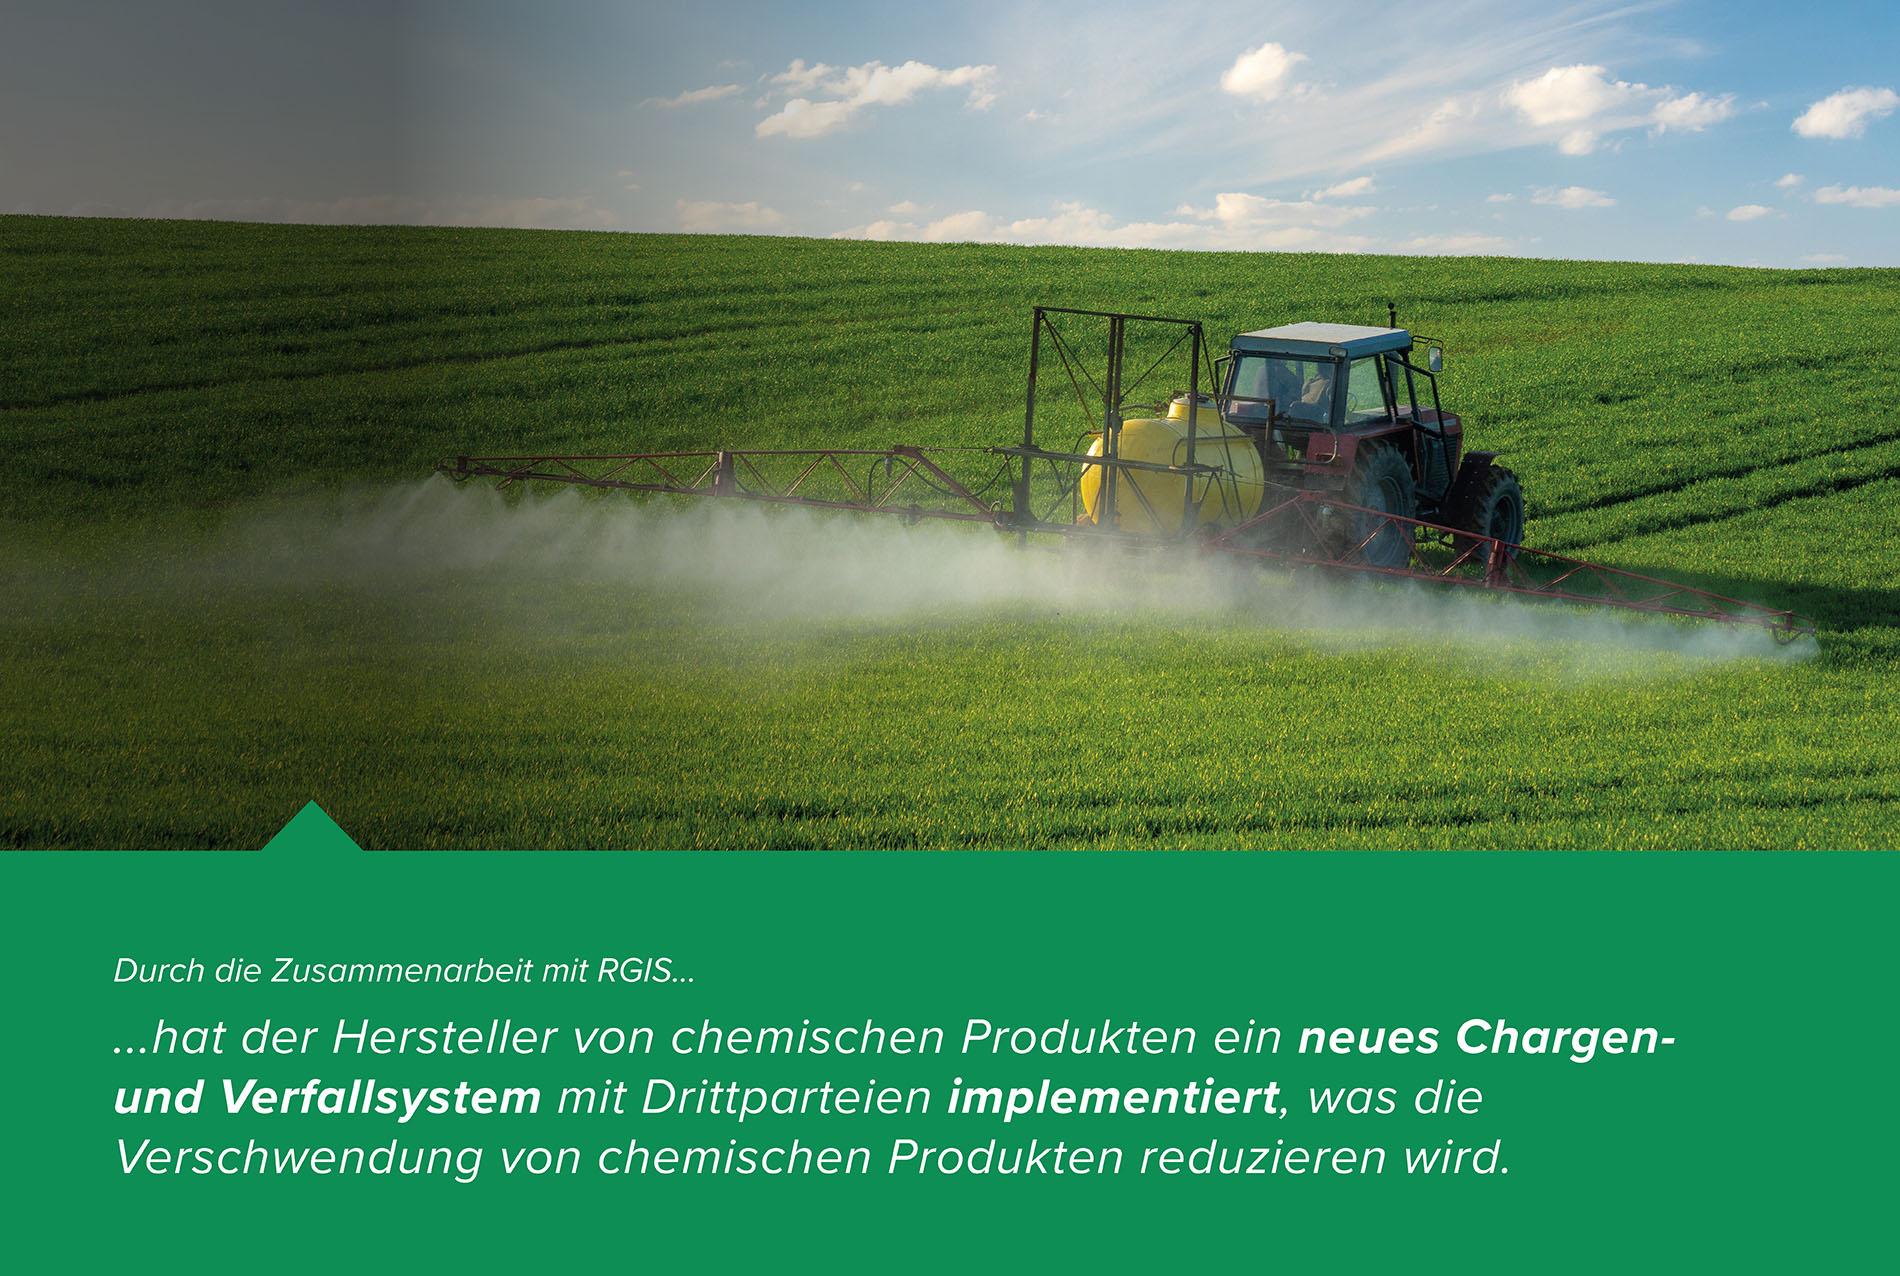 Agrochemikalien gesundheit und sicherheit, bestands kontrolle und sicherheitsprüfung